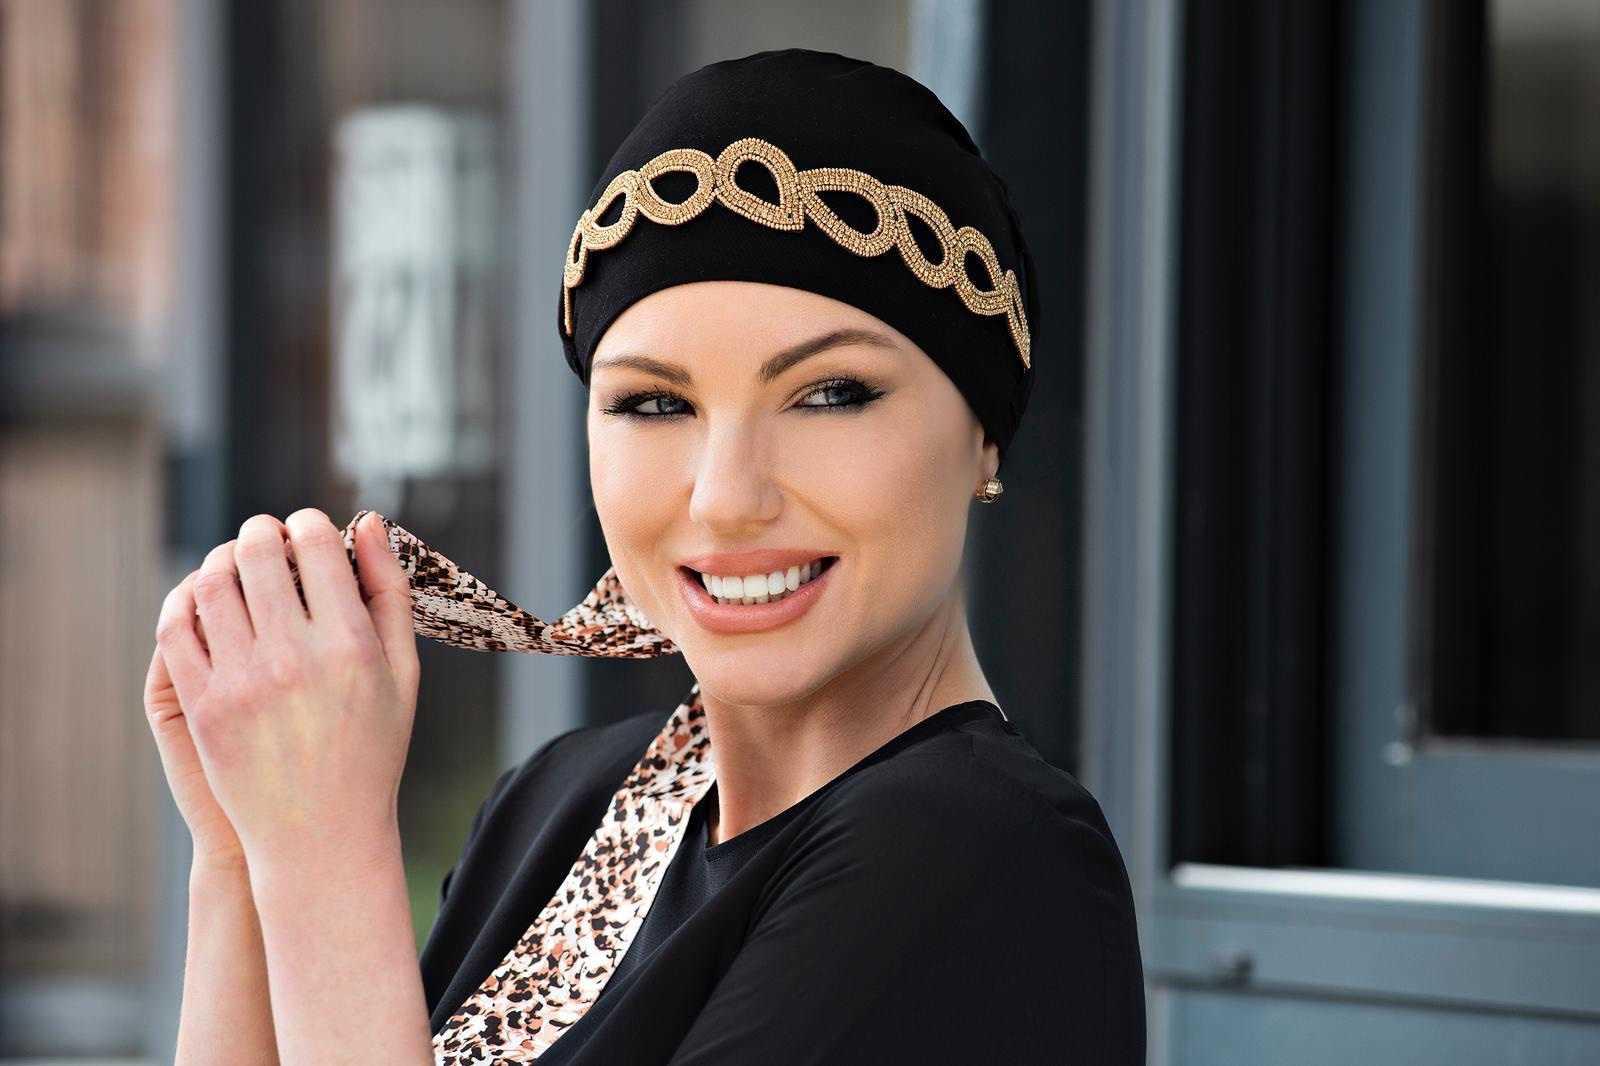 Black Chemo Cap with Jewel